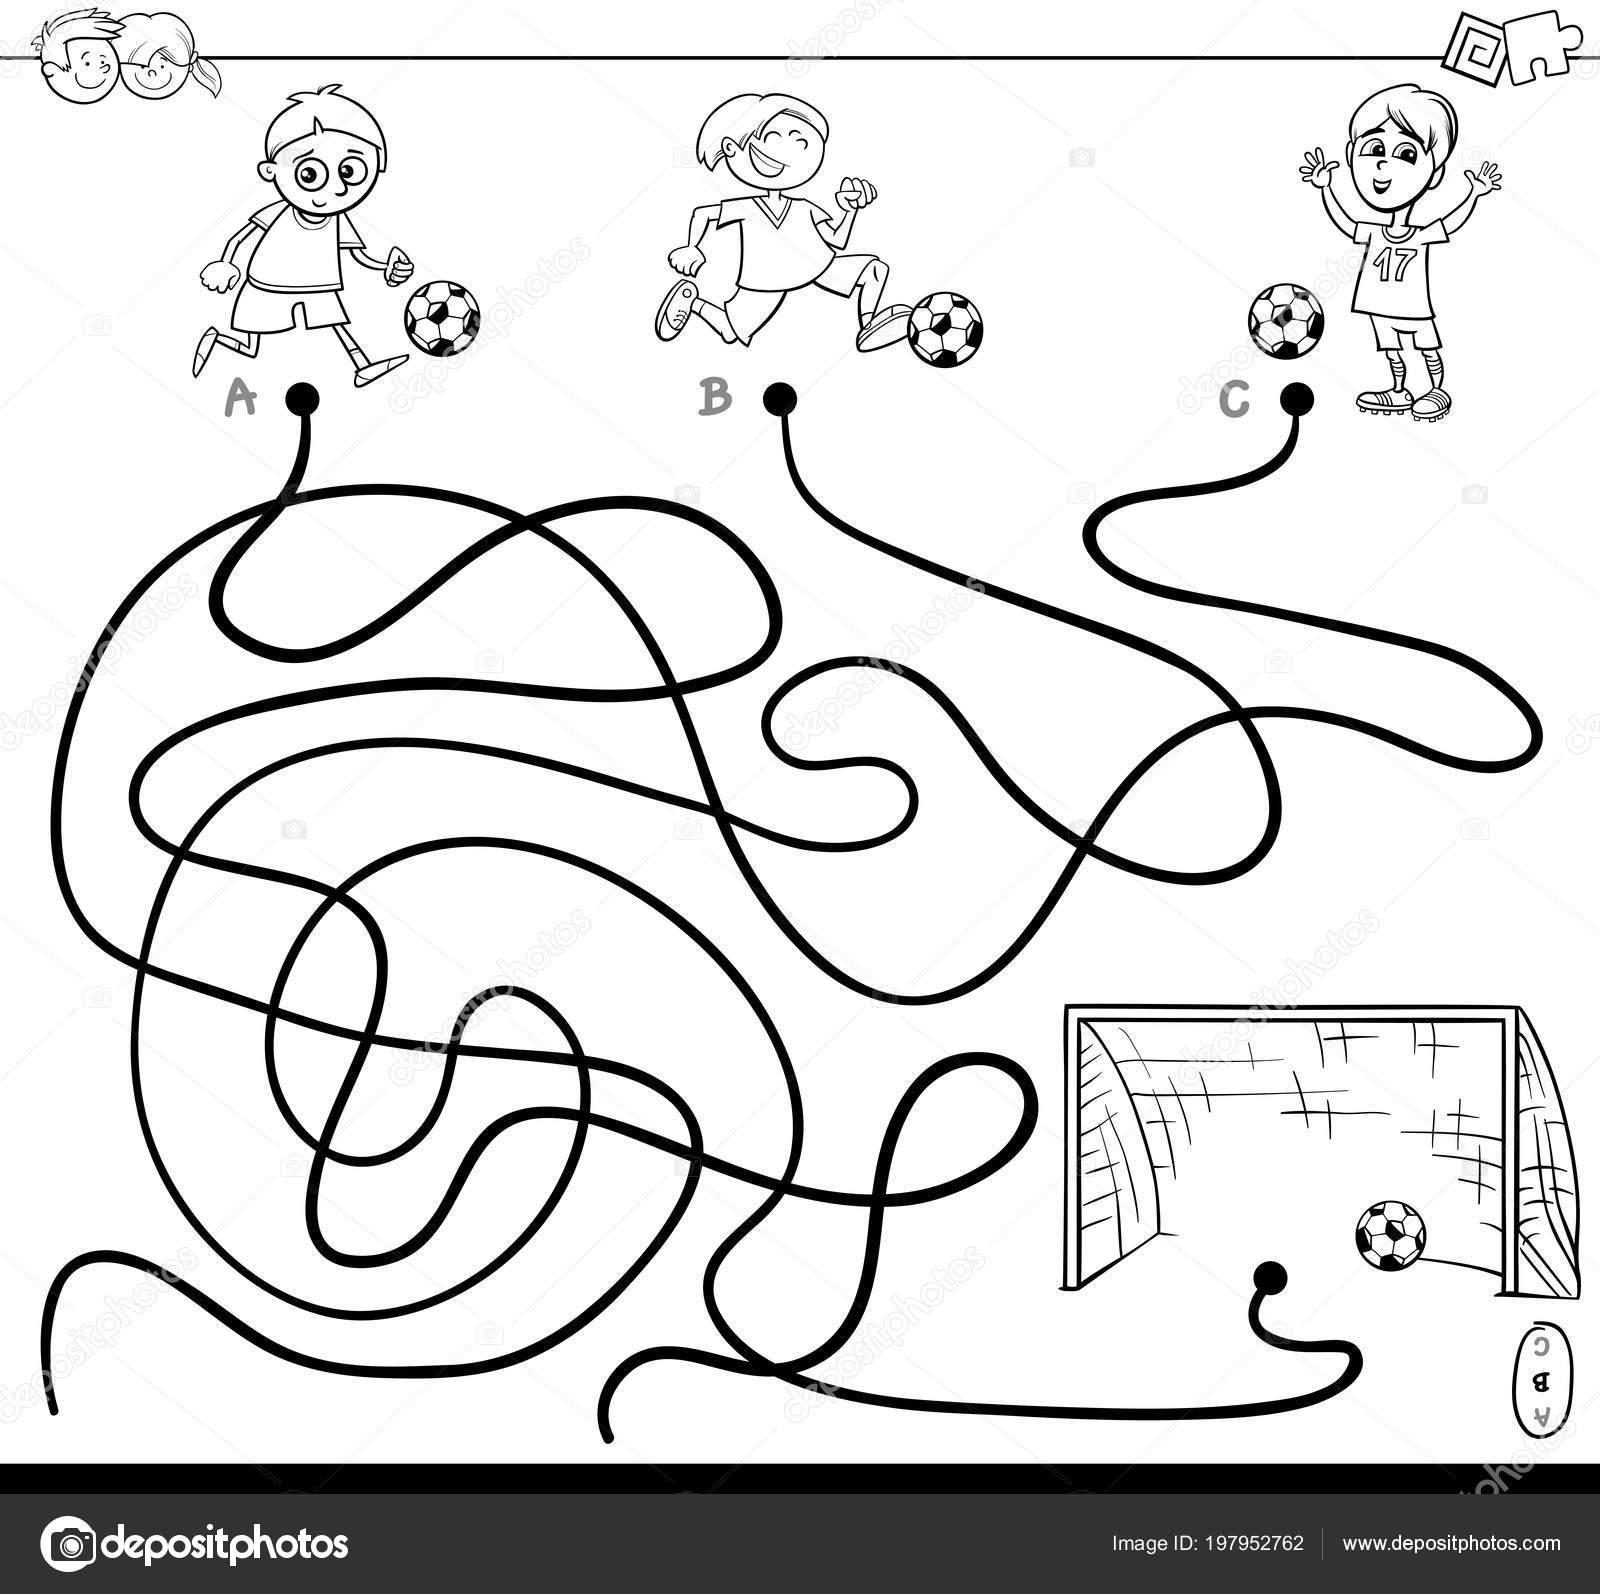 Zwart Wit Cartoon Afbeelding Van Paden Spel Van Activiteit Van